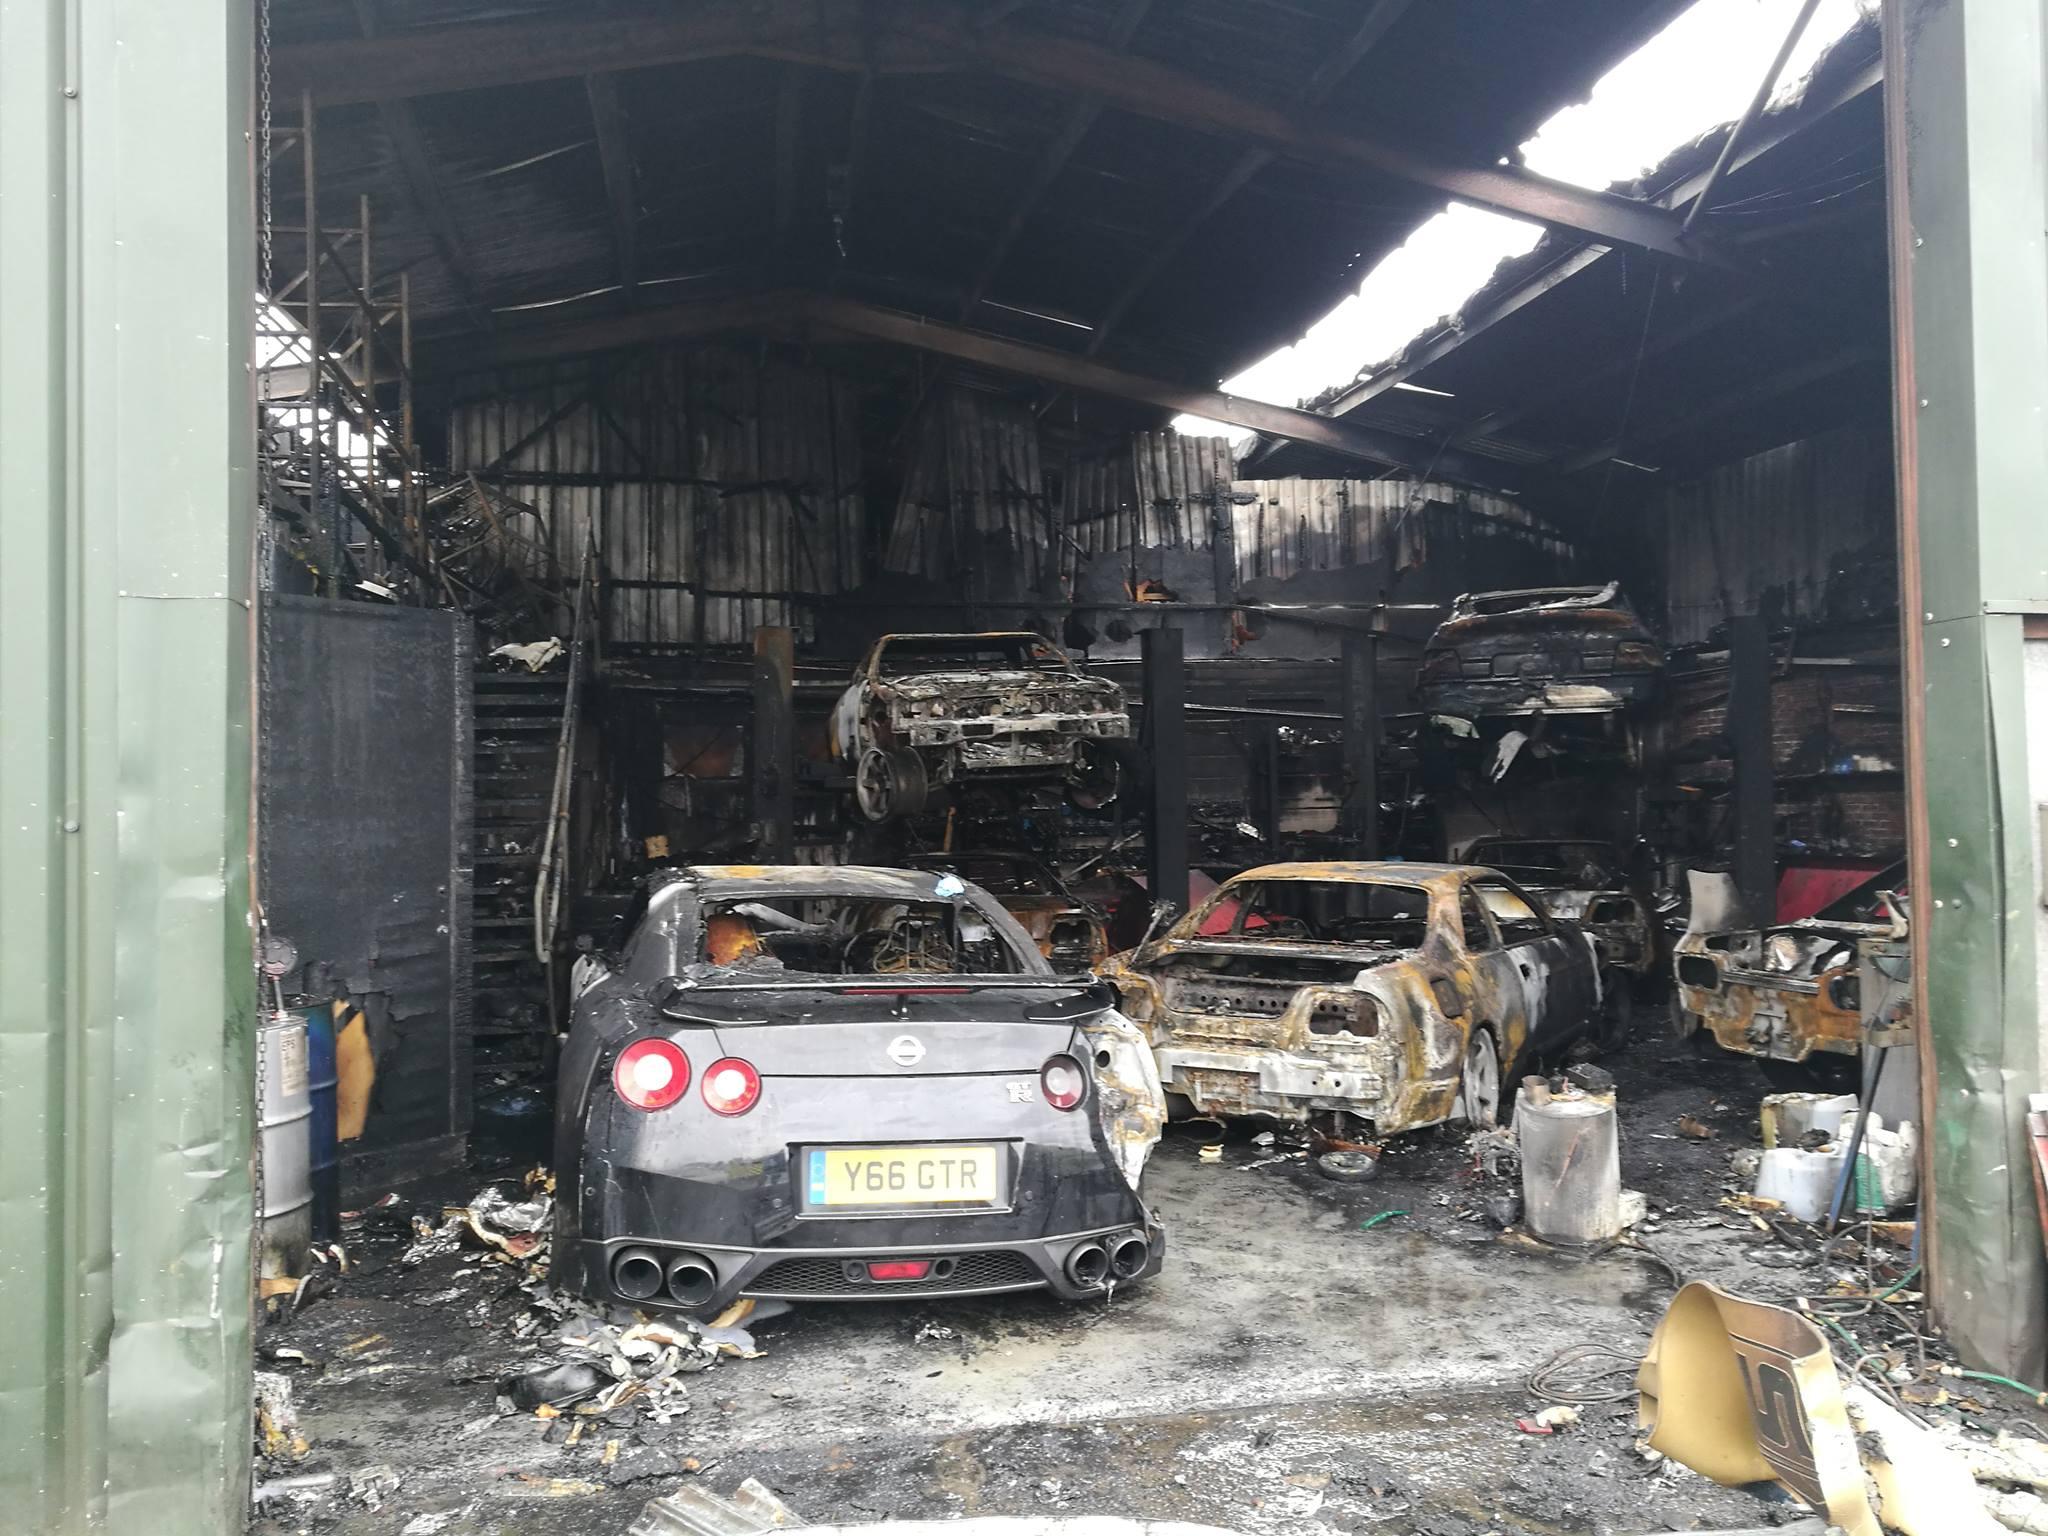 Jdm Cars For Sale >> Warehouse Full Of Jdm Cars Burns Down In The Uk Gtspirit